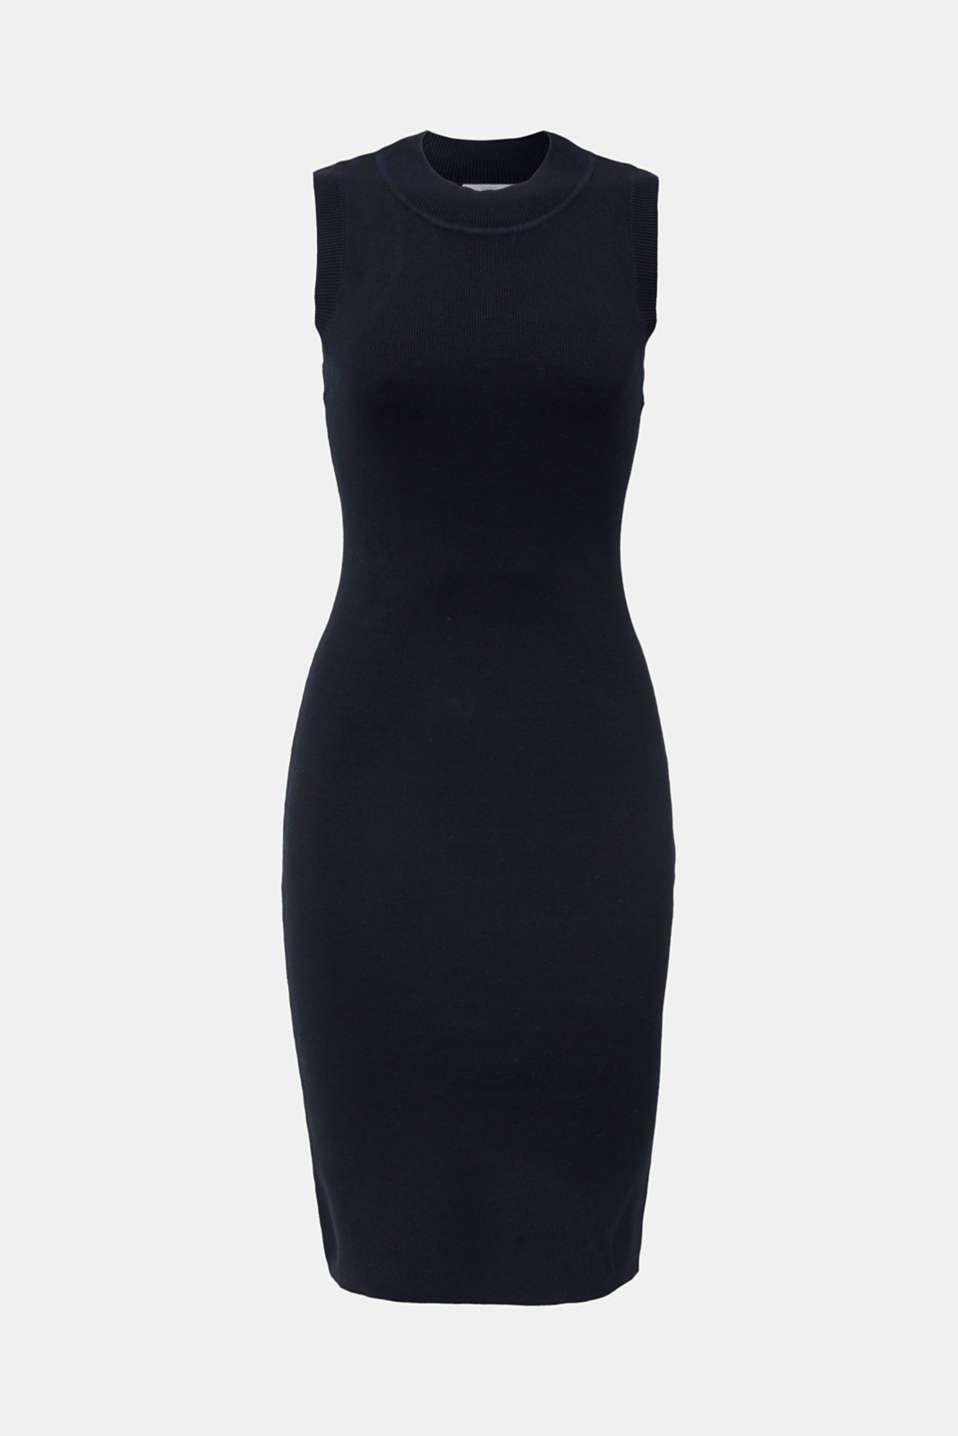 Ribbed knit dress, BLACK, detail image number 4